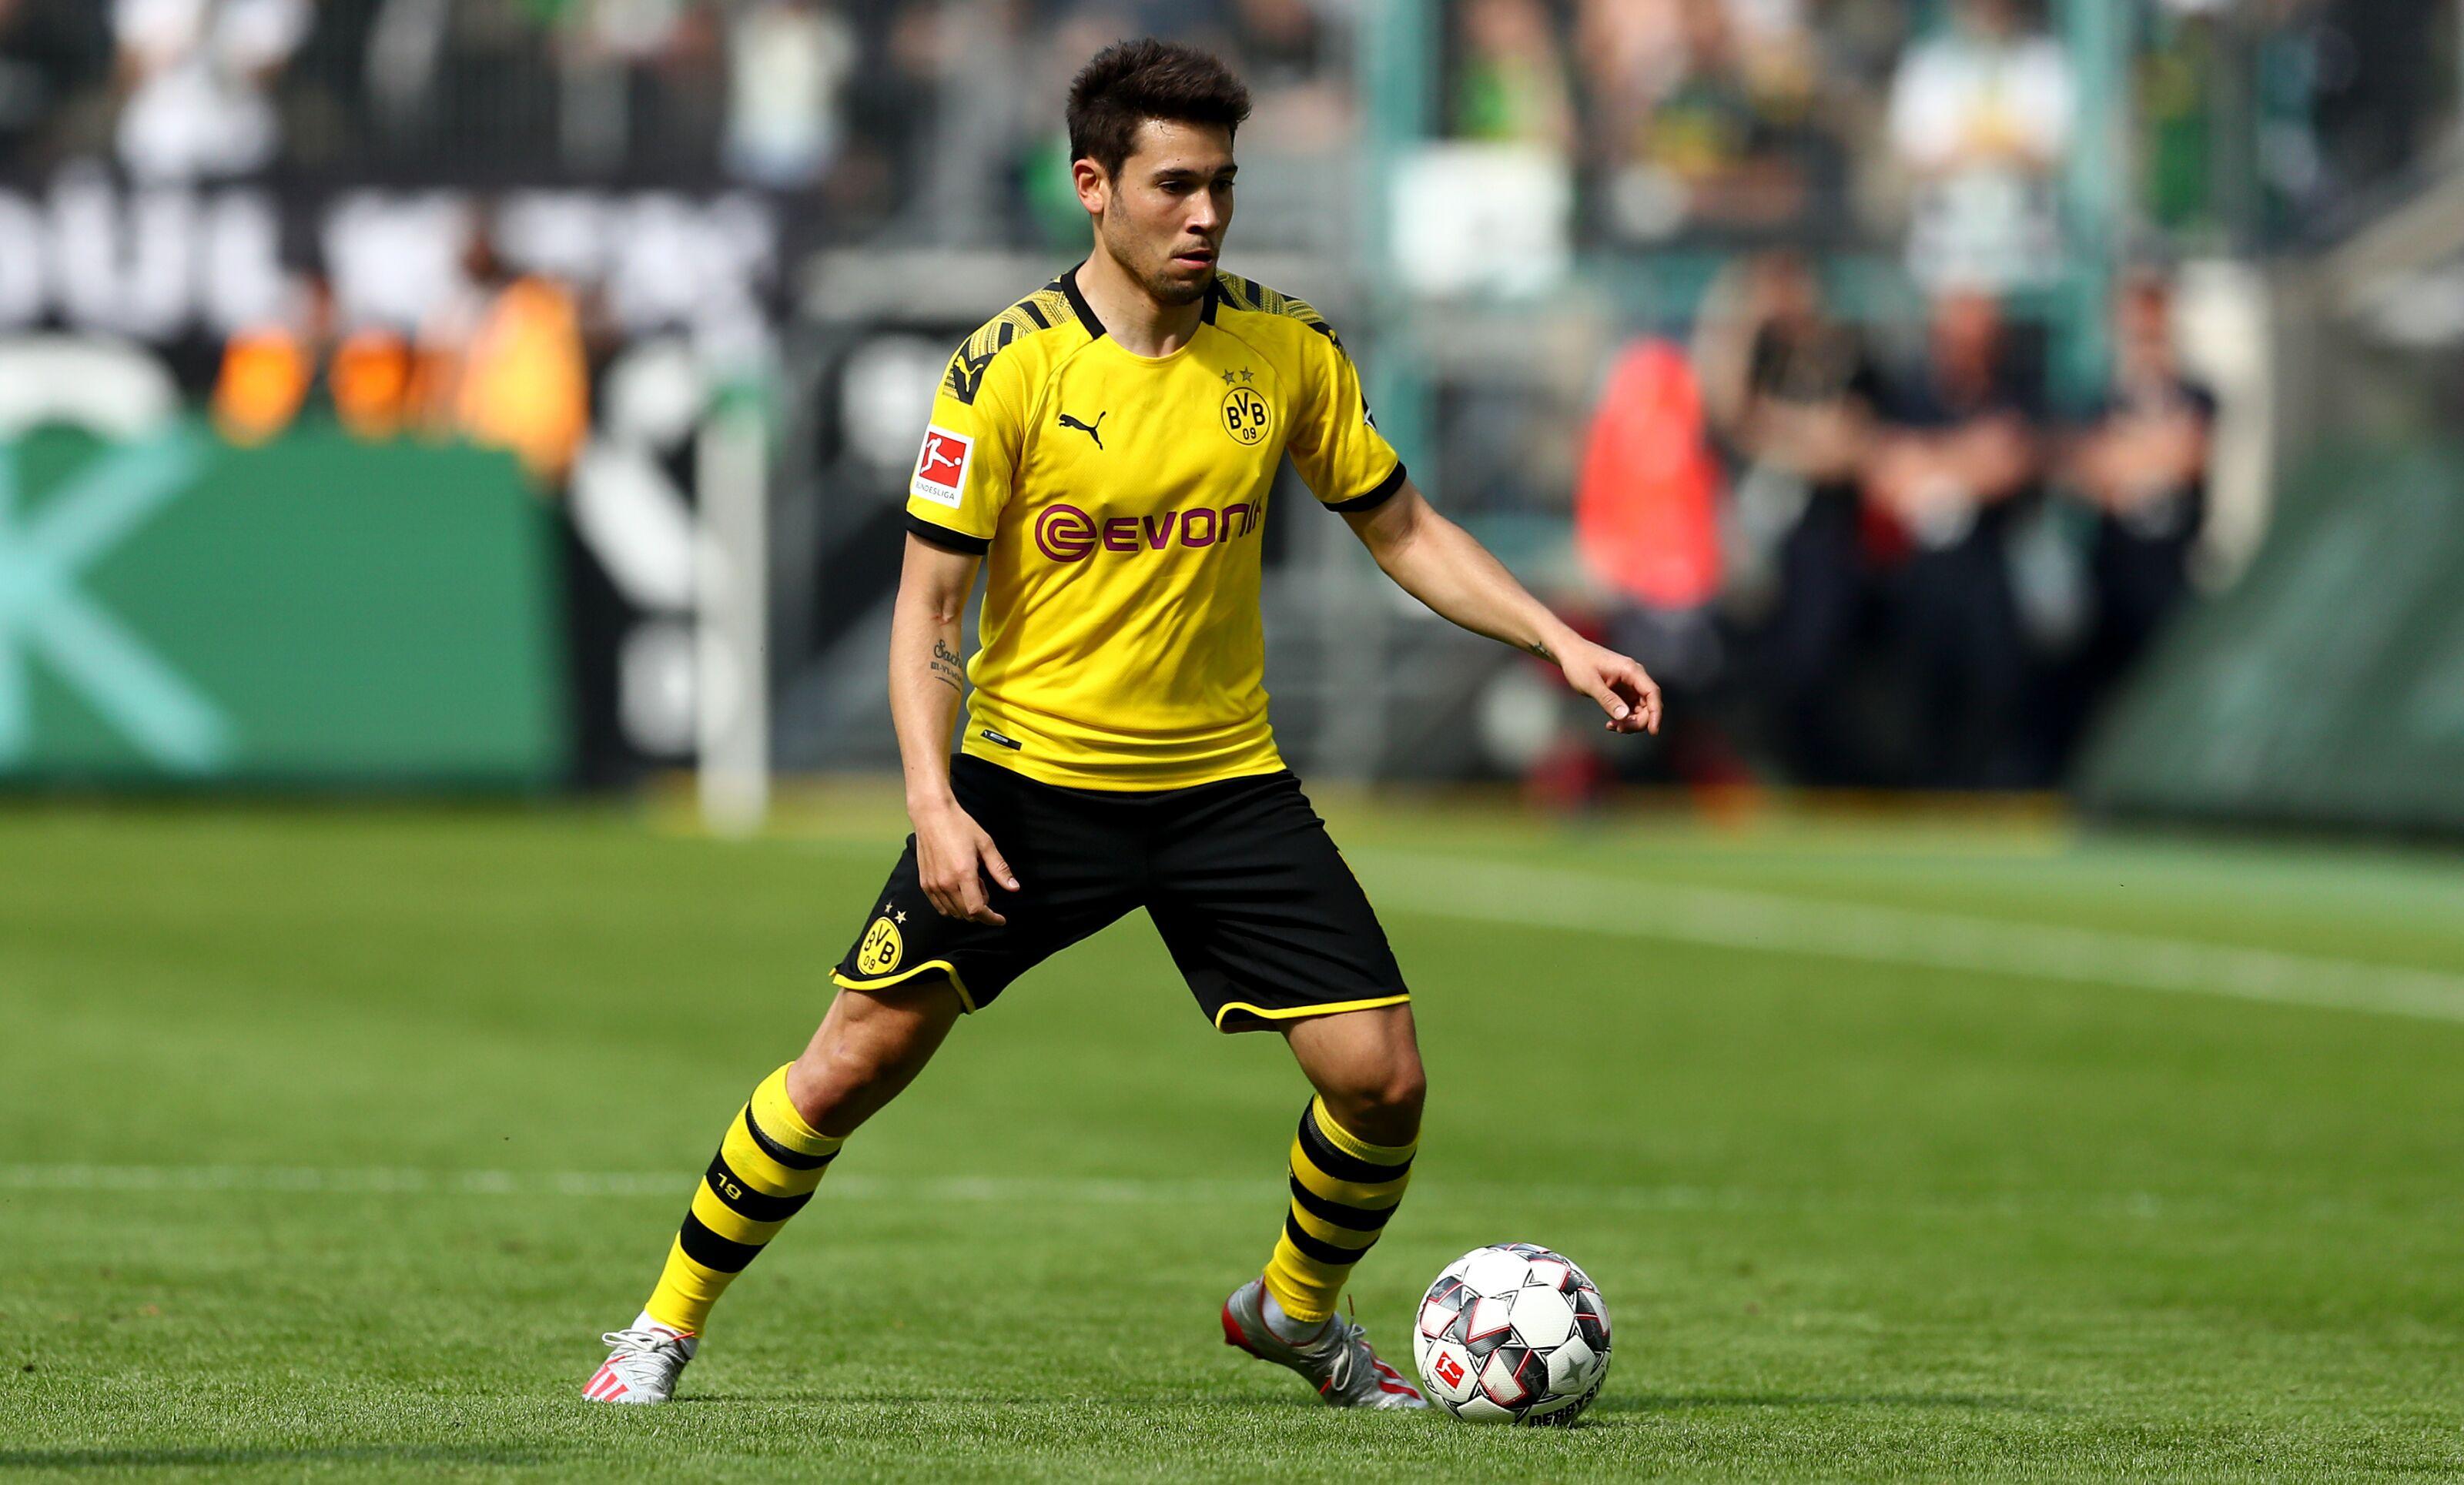 Louis Dortmund